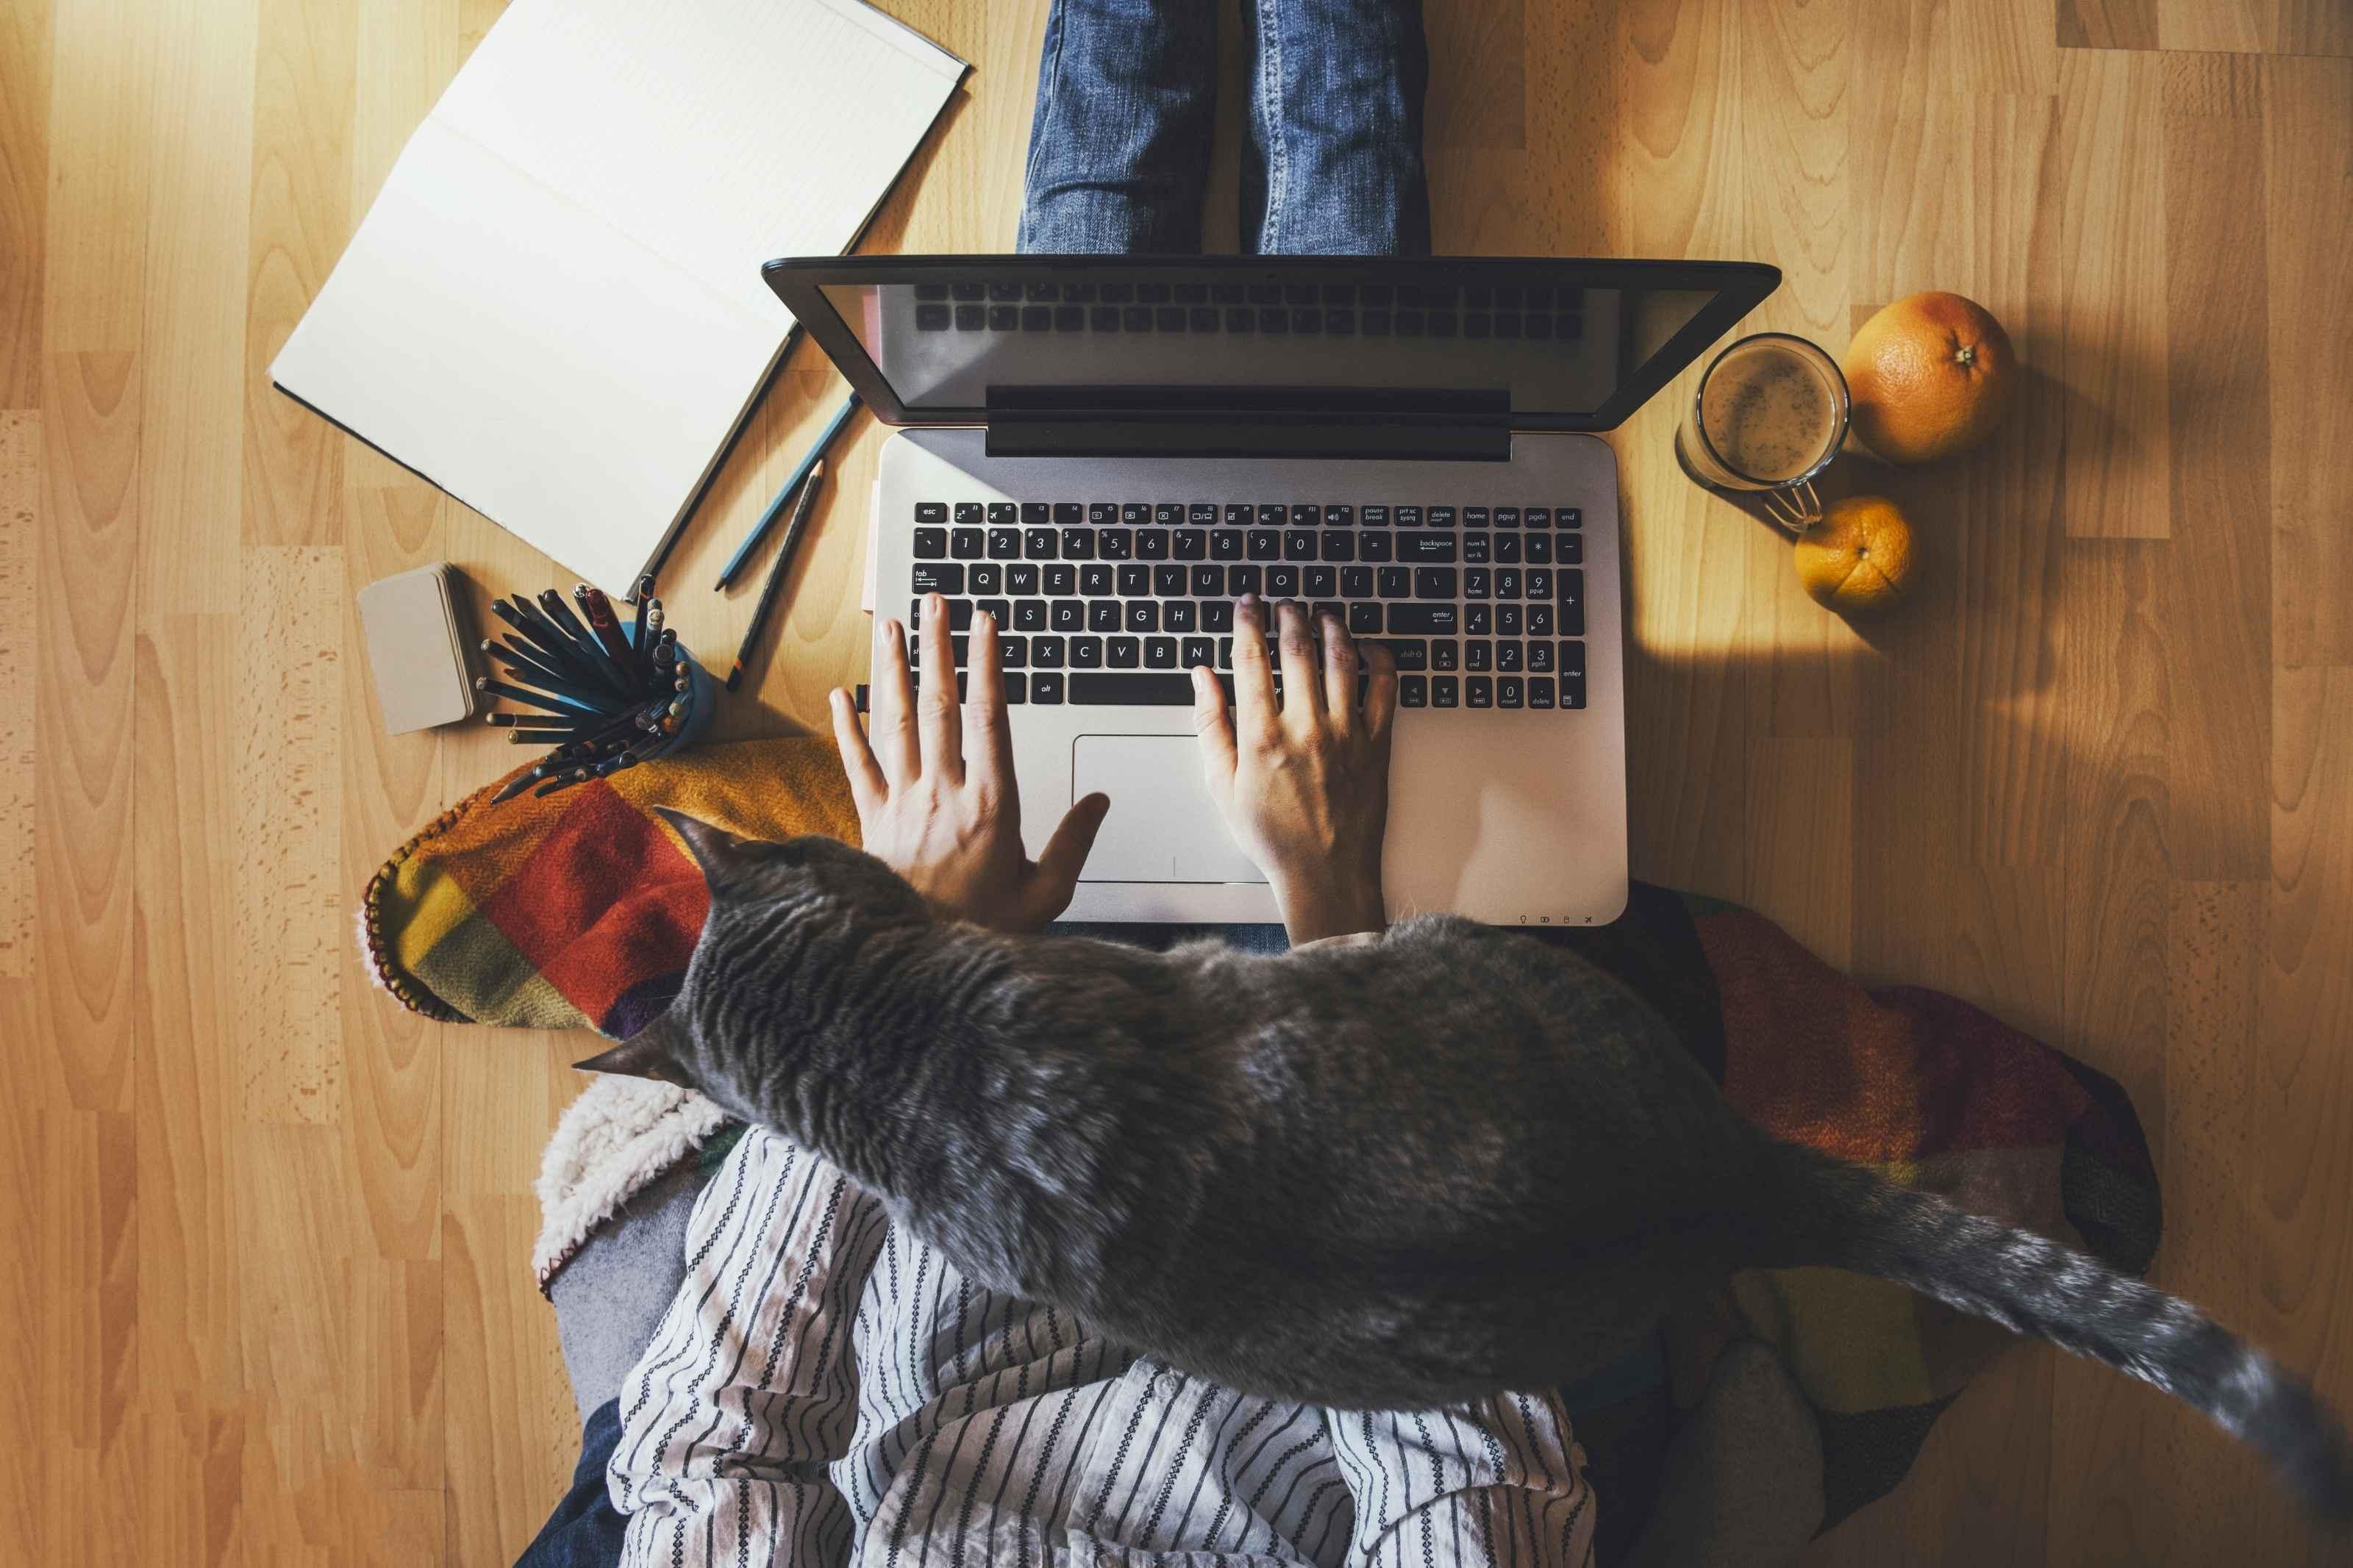 Firmy řeší jen techniku, ne dopad domácí práce na lidi. A to se jim vymstí